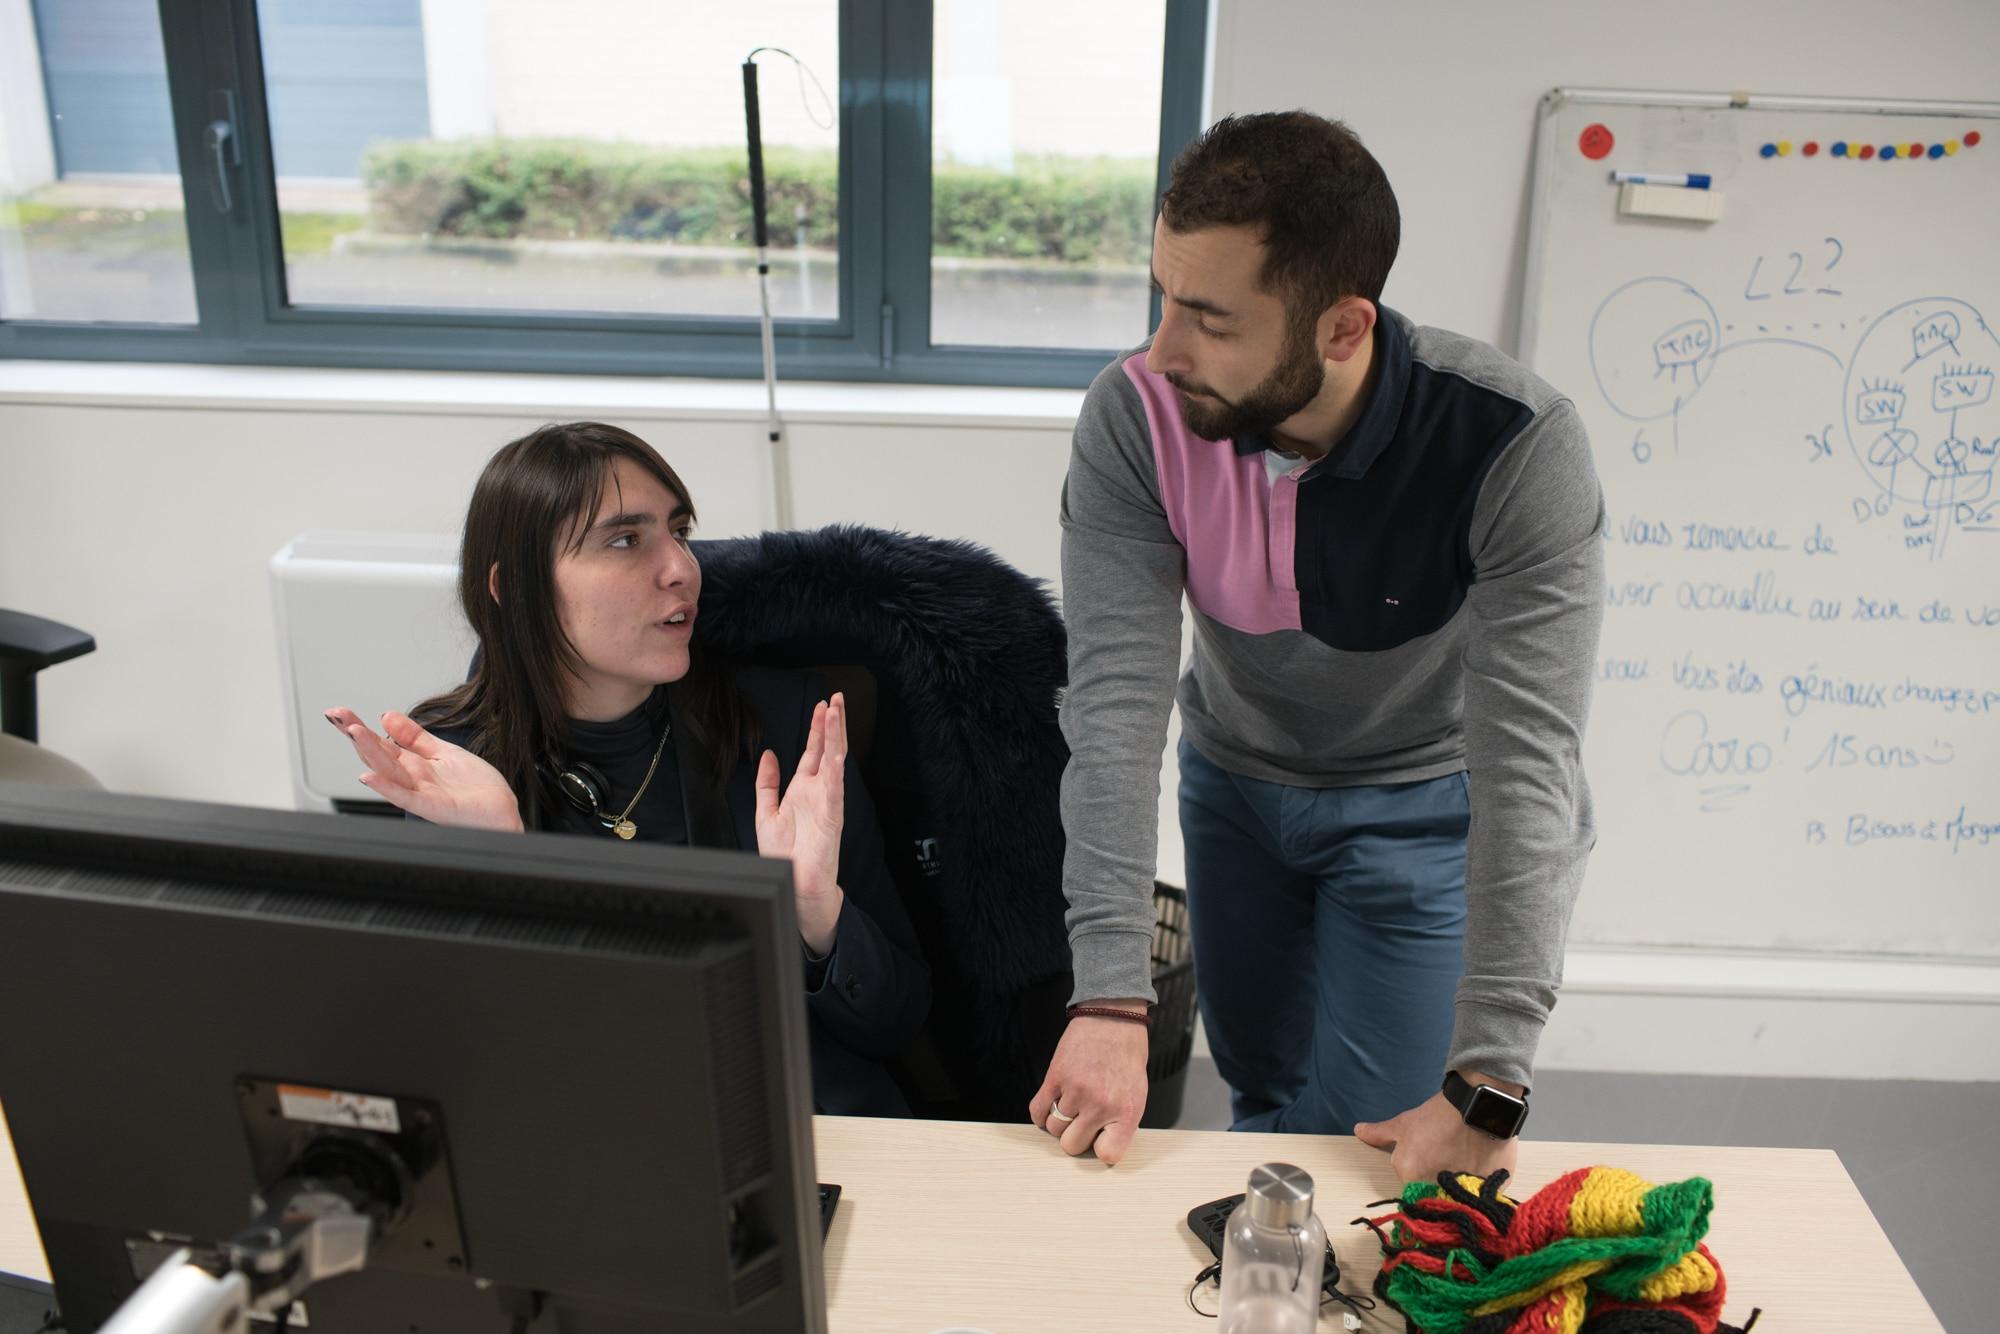 Morgane et un collaborateur discute devant l'ordinateur. Derrière eux on aperçoit un tableau sur lequel sont dessinés des schémas.